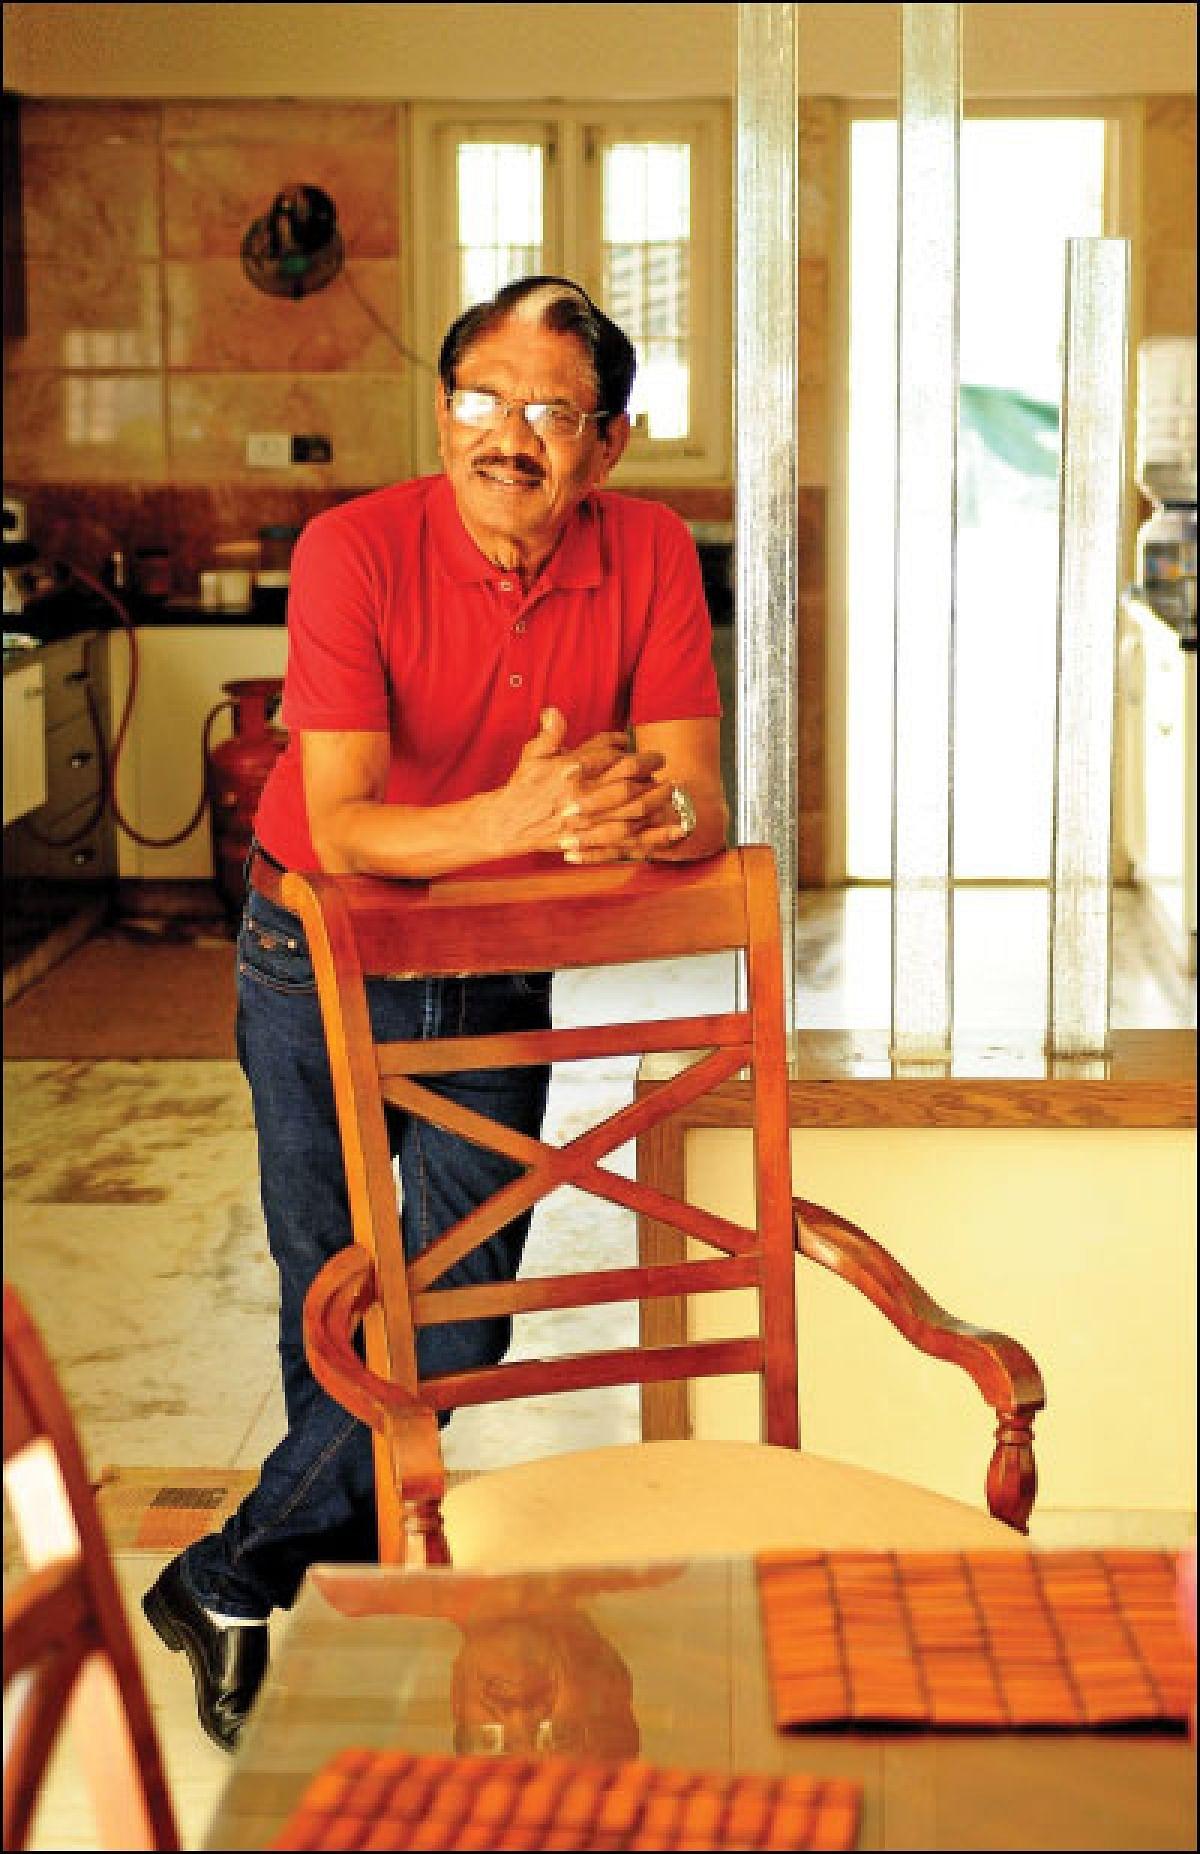 பாரதிராஜா ராஜினாமா எதிரொலி... இயக்குநர் சங்கத் தேர்தல் தேதி மாற்றம்